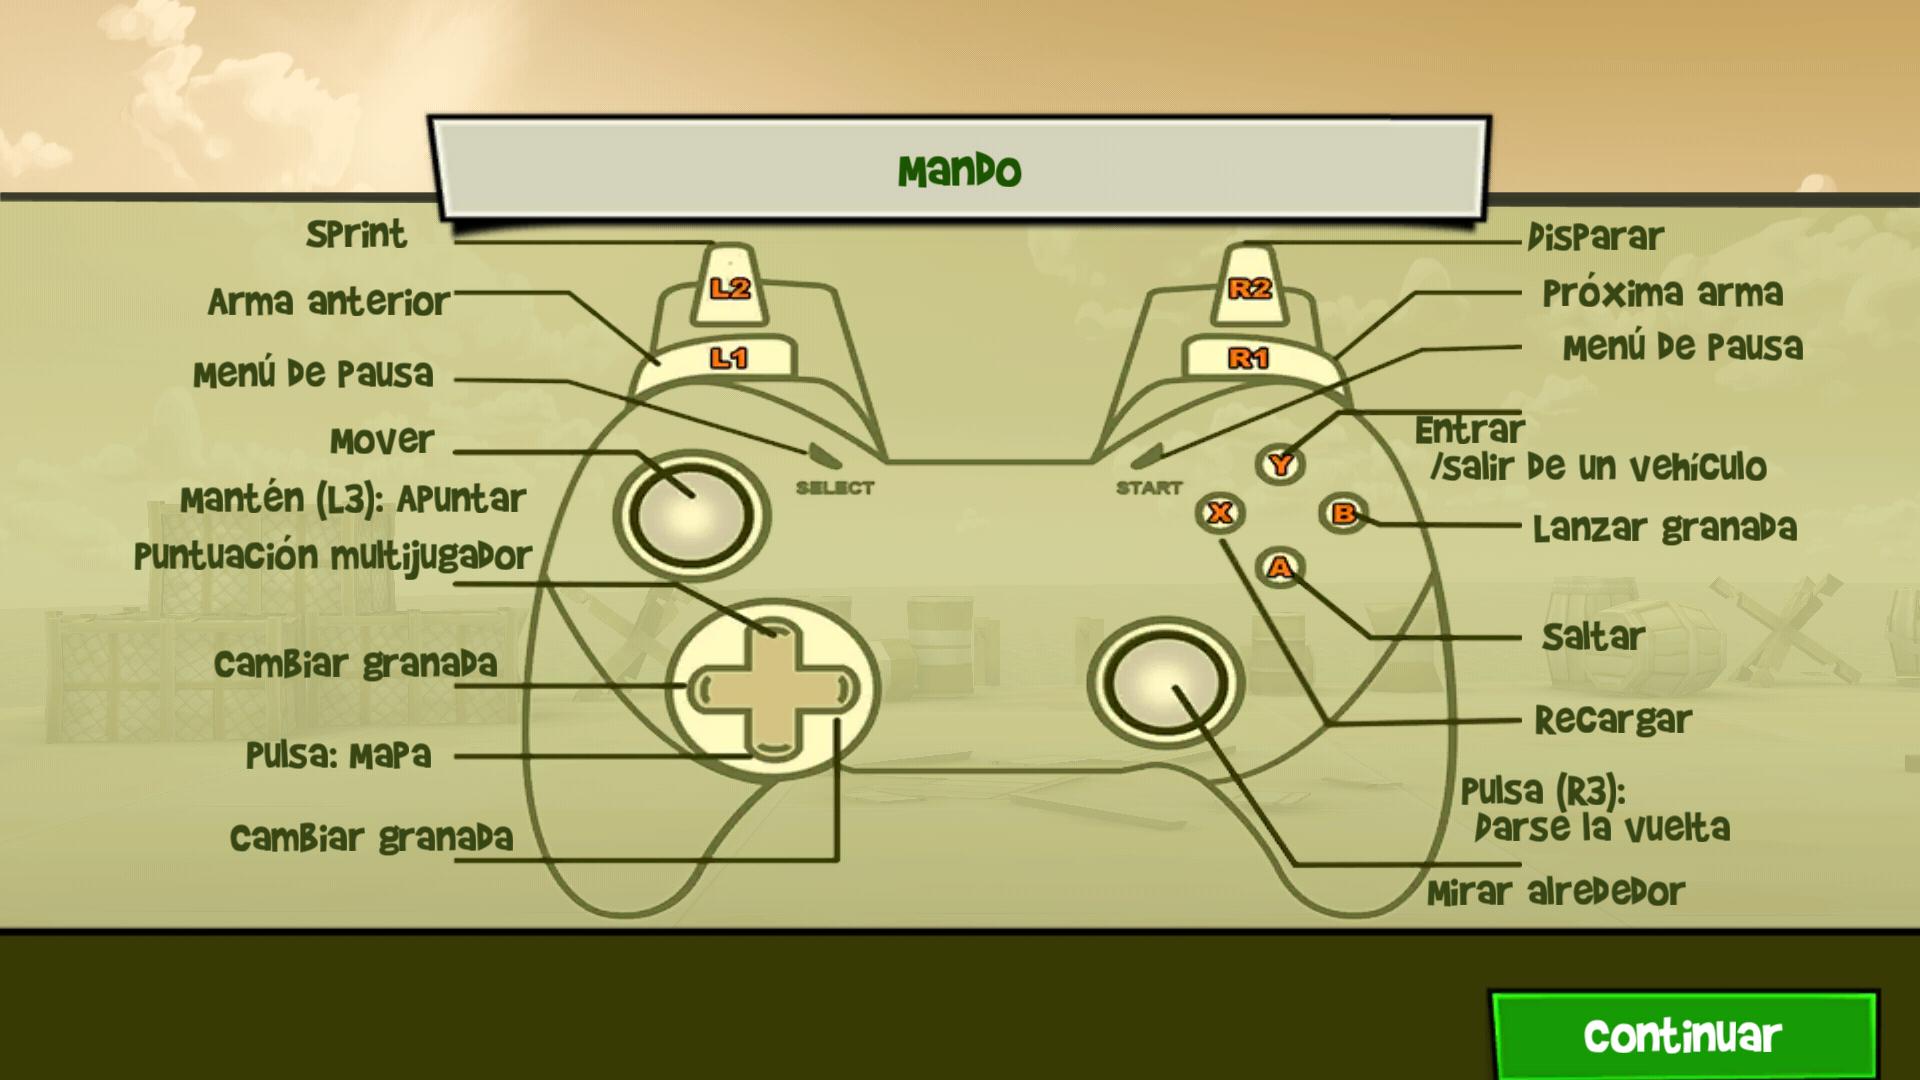 GamePad Blitz Brigade